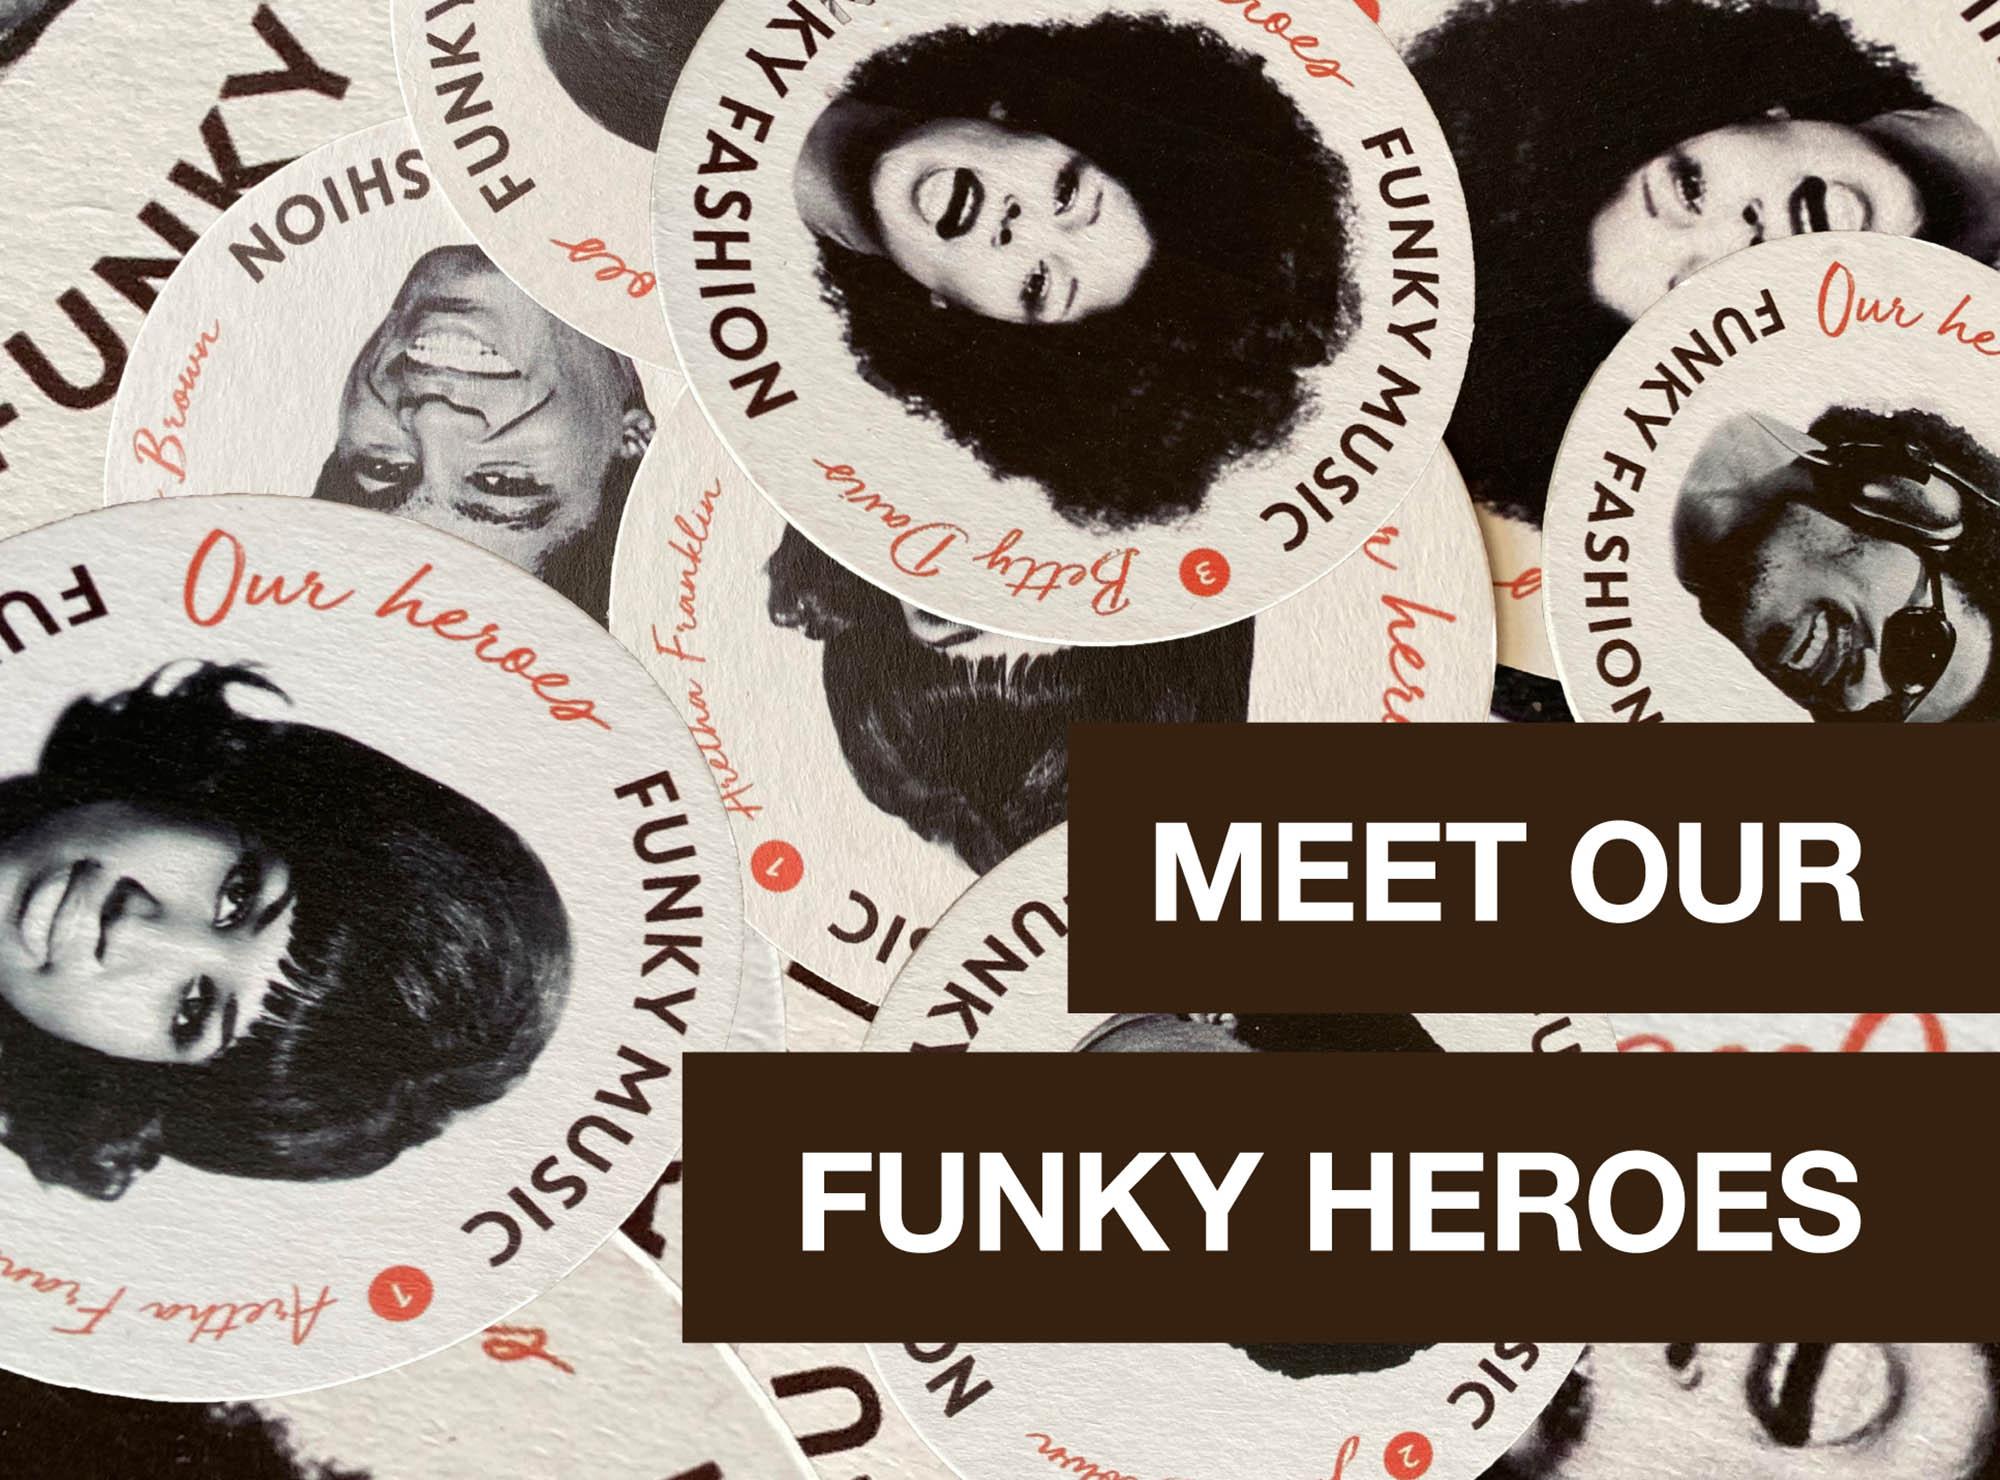 Meet Our Funky Heroes